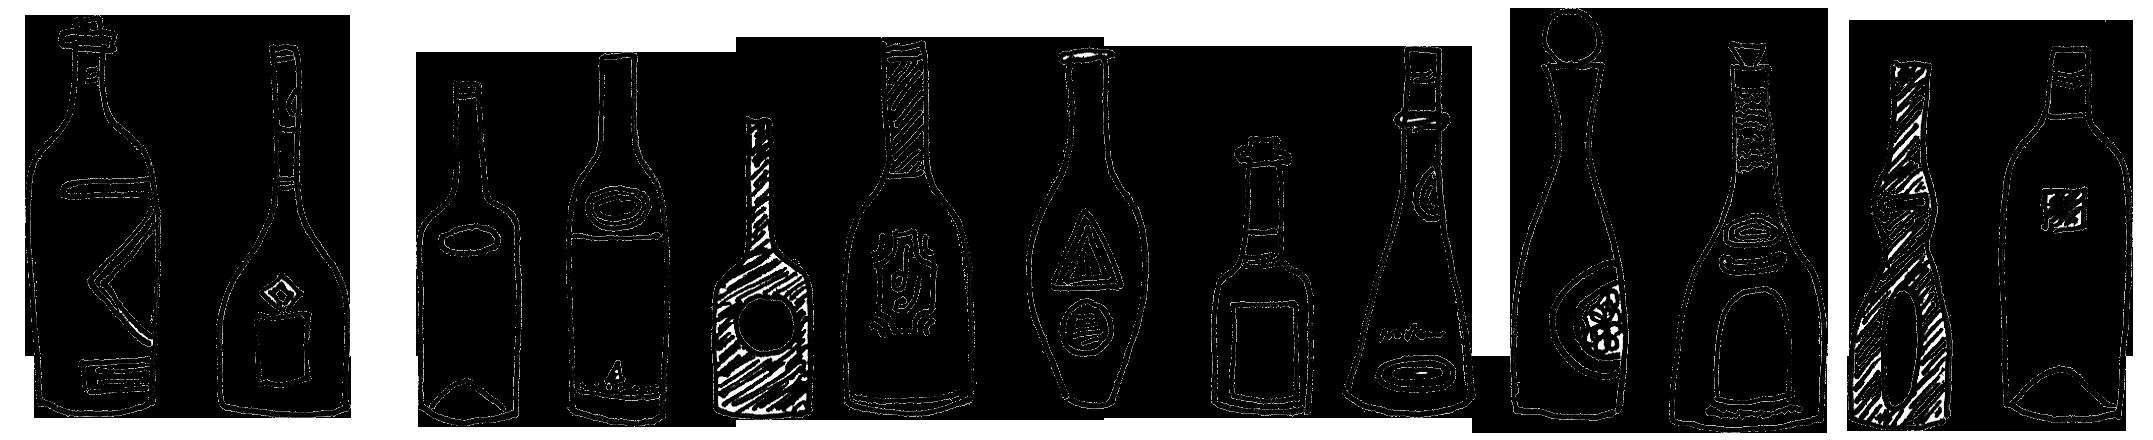 line-of-bottles.png